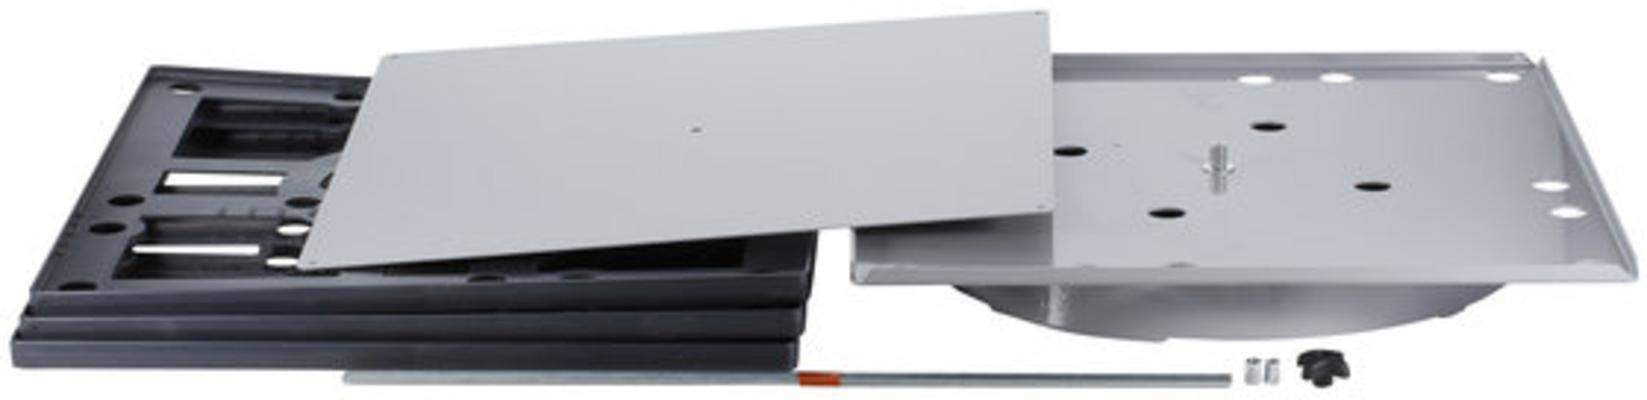 Pyörivä lattiateline 550-SRJ, Treston - Pyörivä lattiateline 550-SRJ